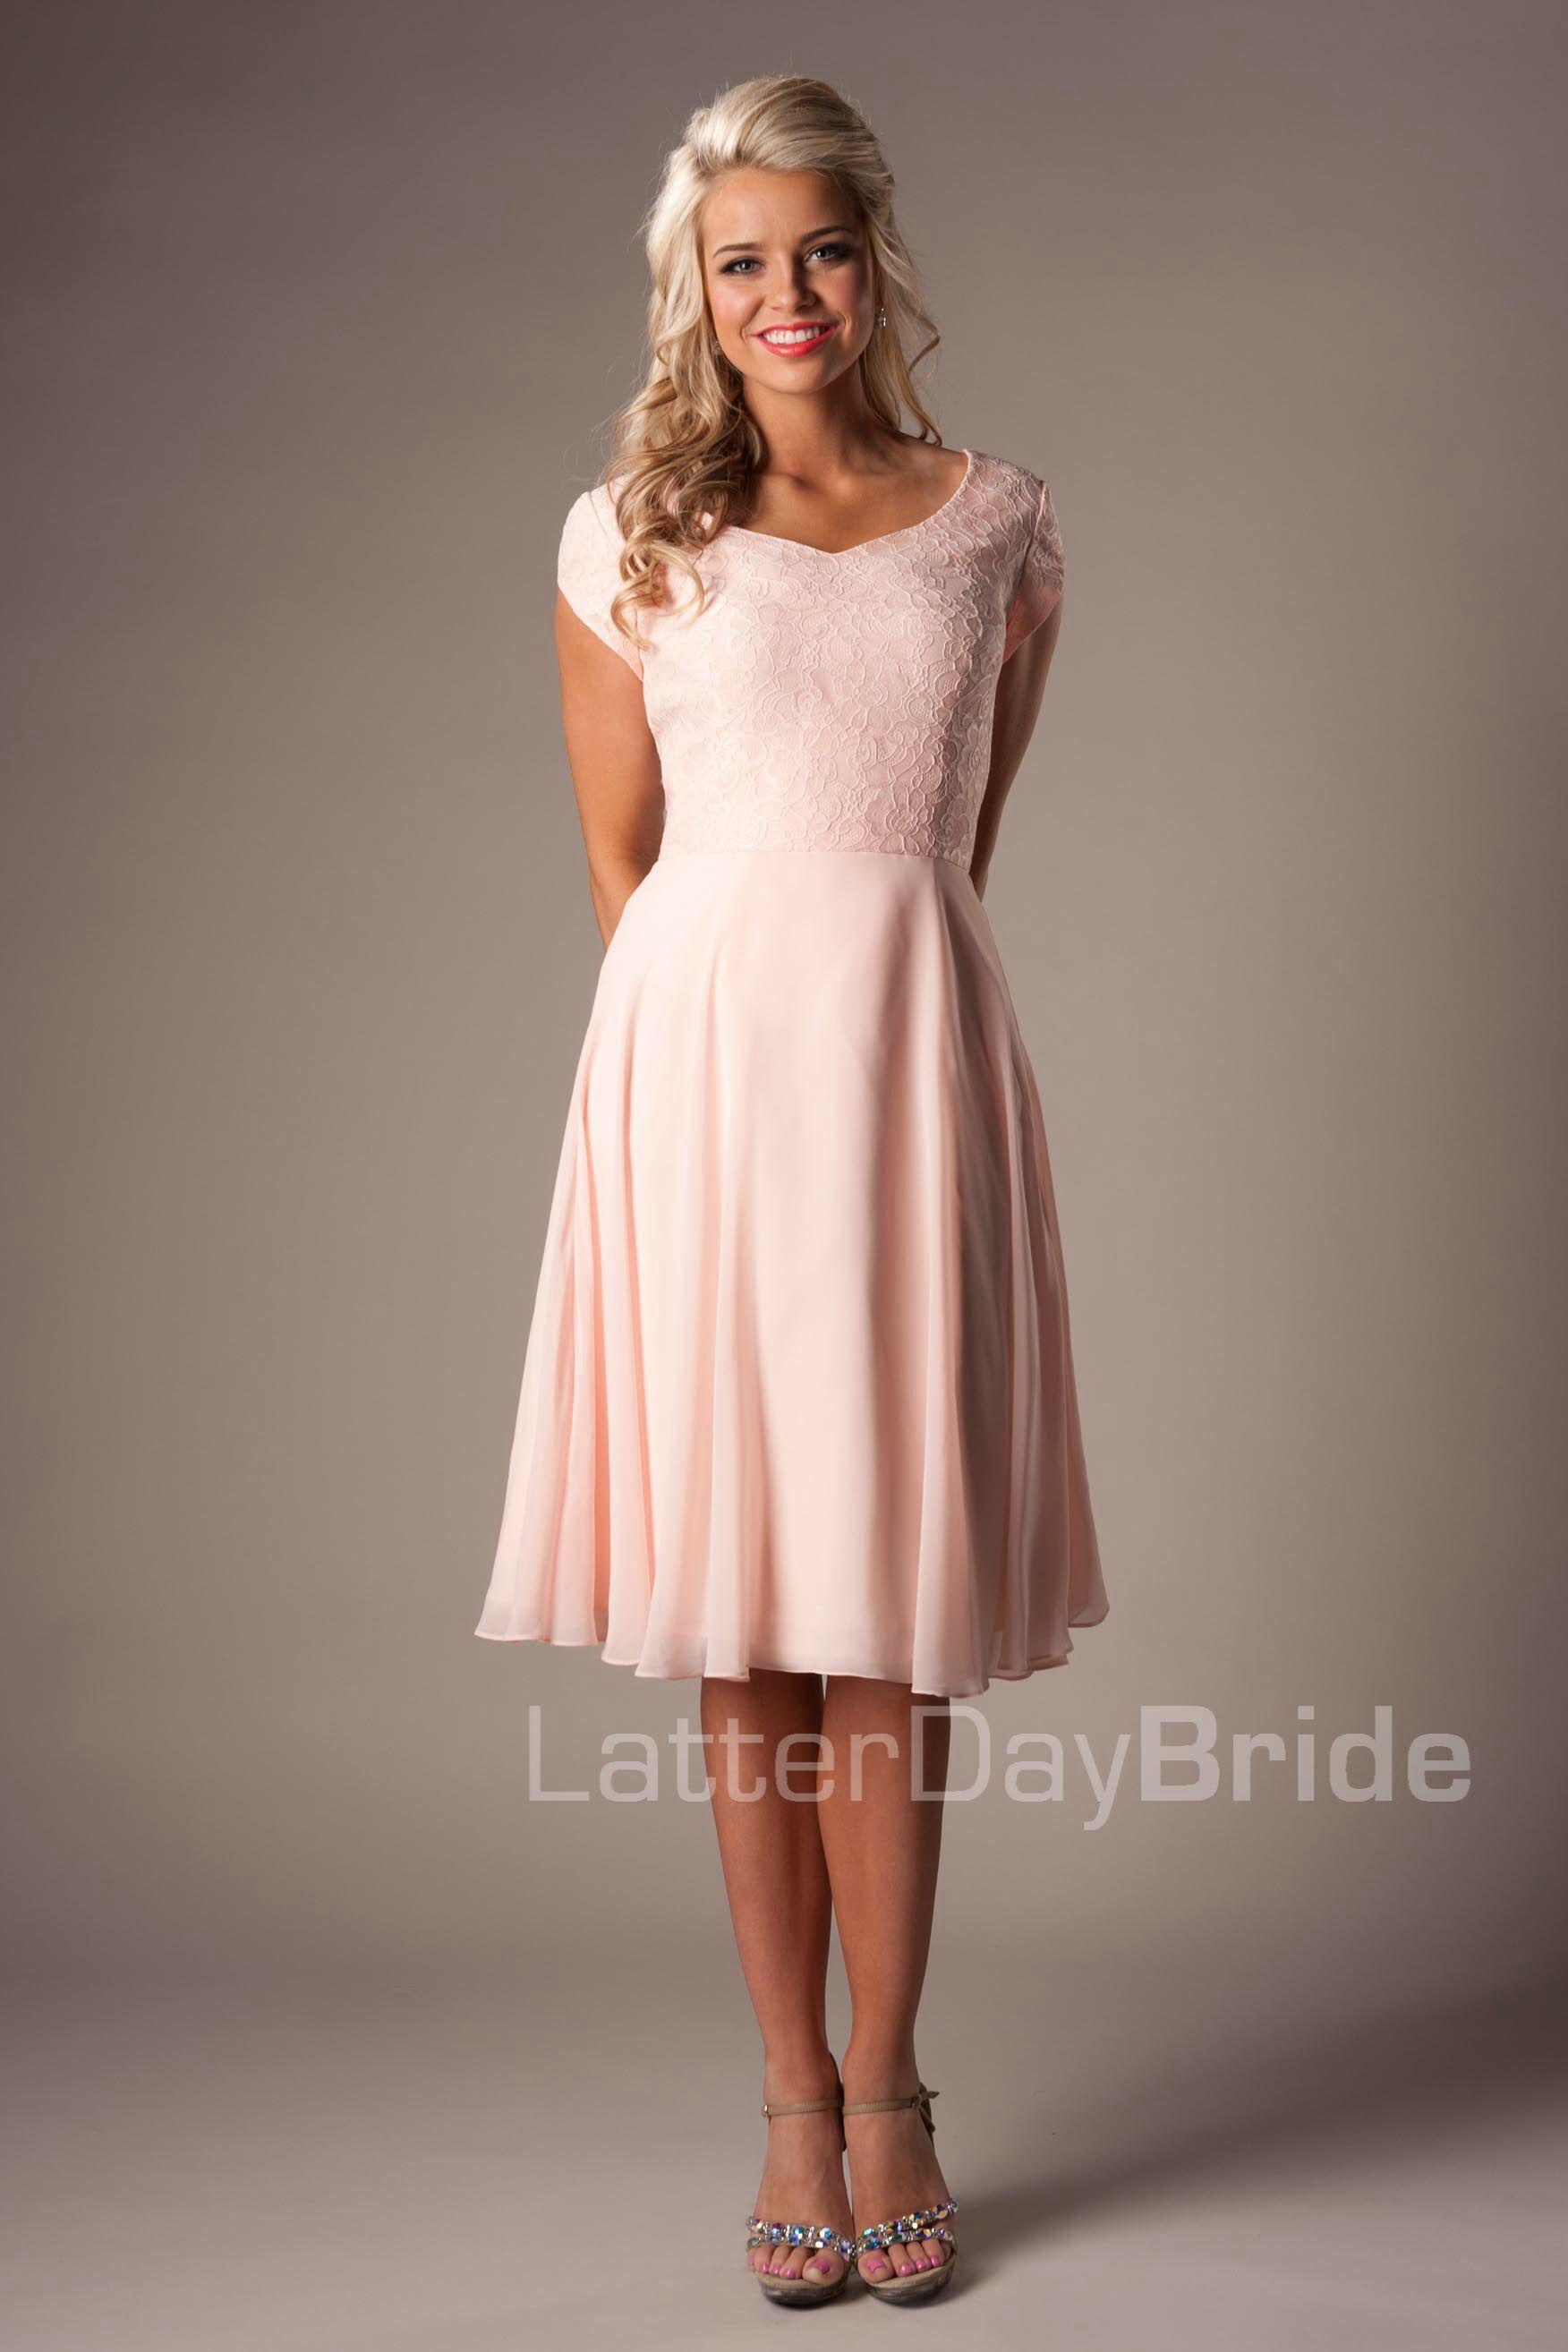 7043f0c00400 Simple Blush Bridesmaid Dresses Short, Blush Pink Dresses, Blush Pink  Bridesmaids, Short Blush